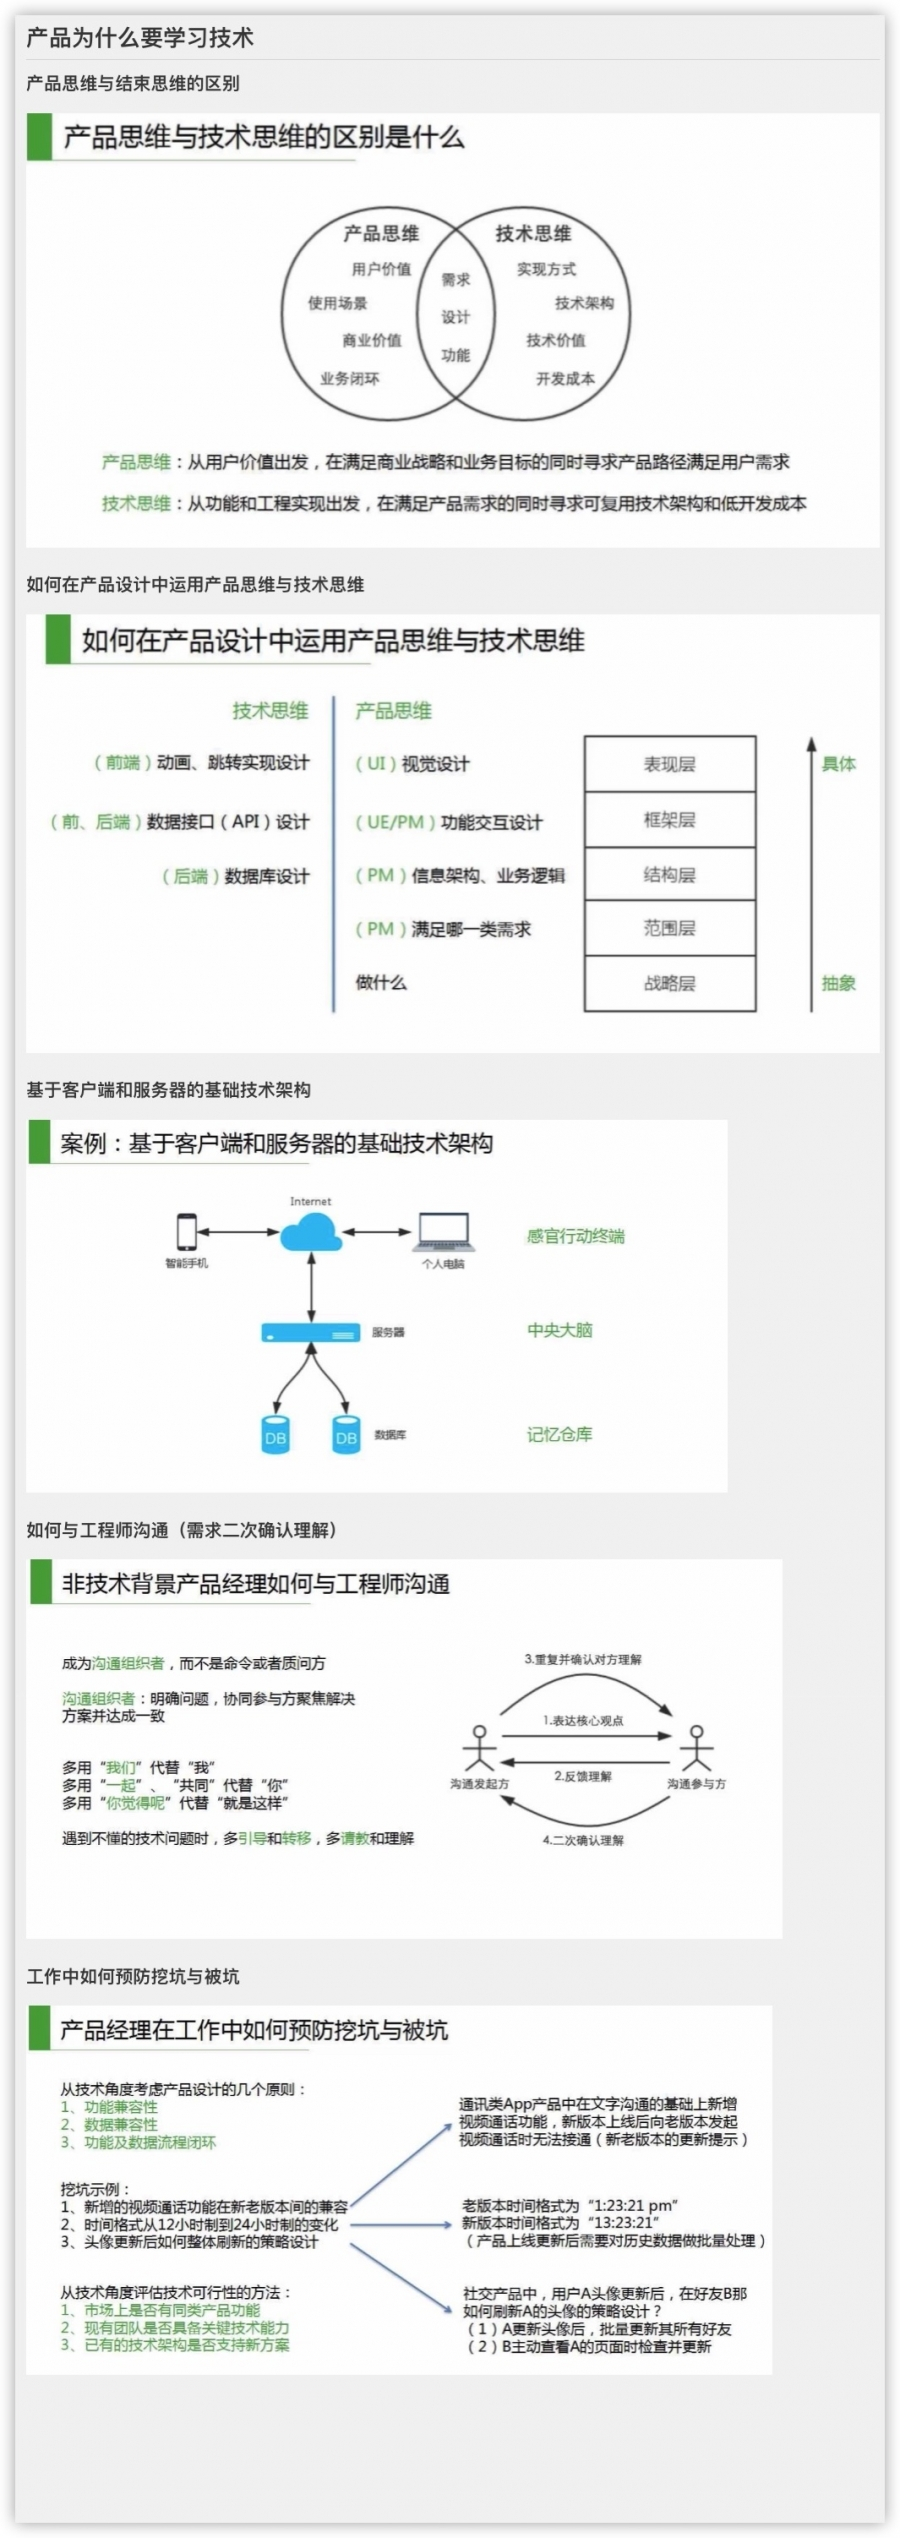 产品的技术学习笔记(基础理念部分)